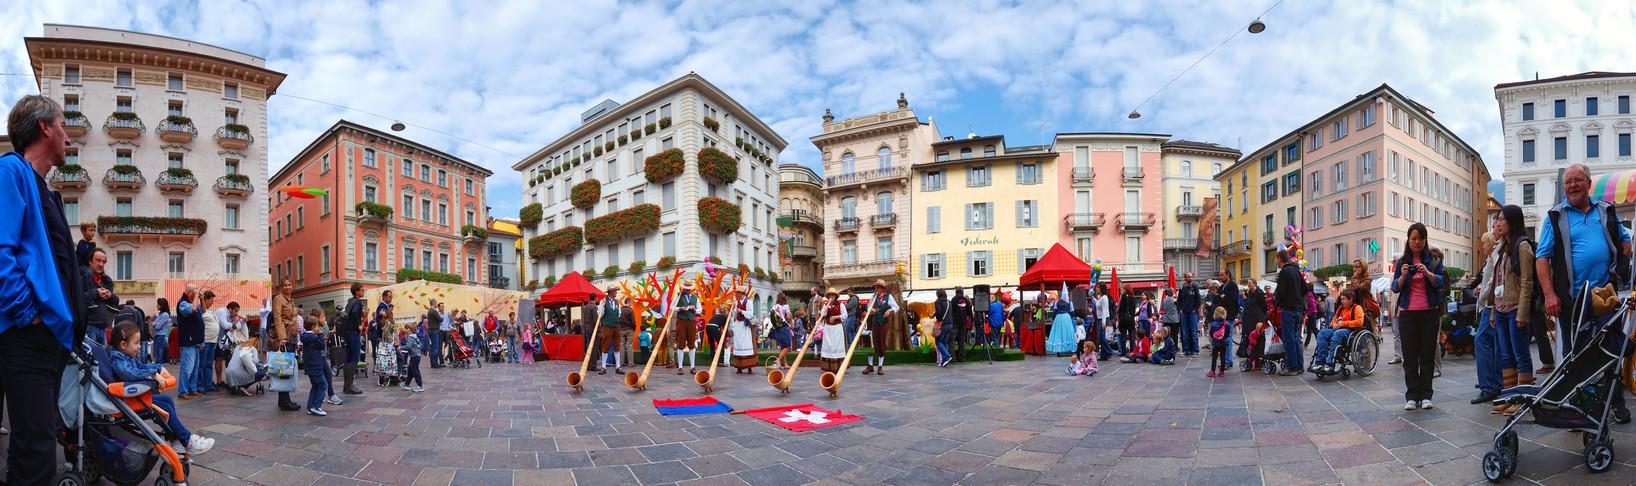 Lugano-Piazza Riforma-2.jpg